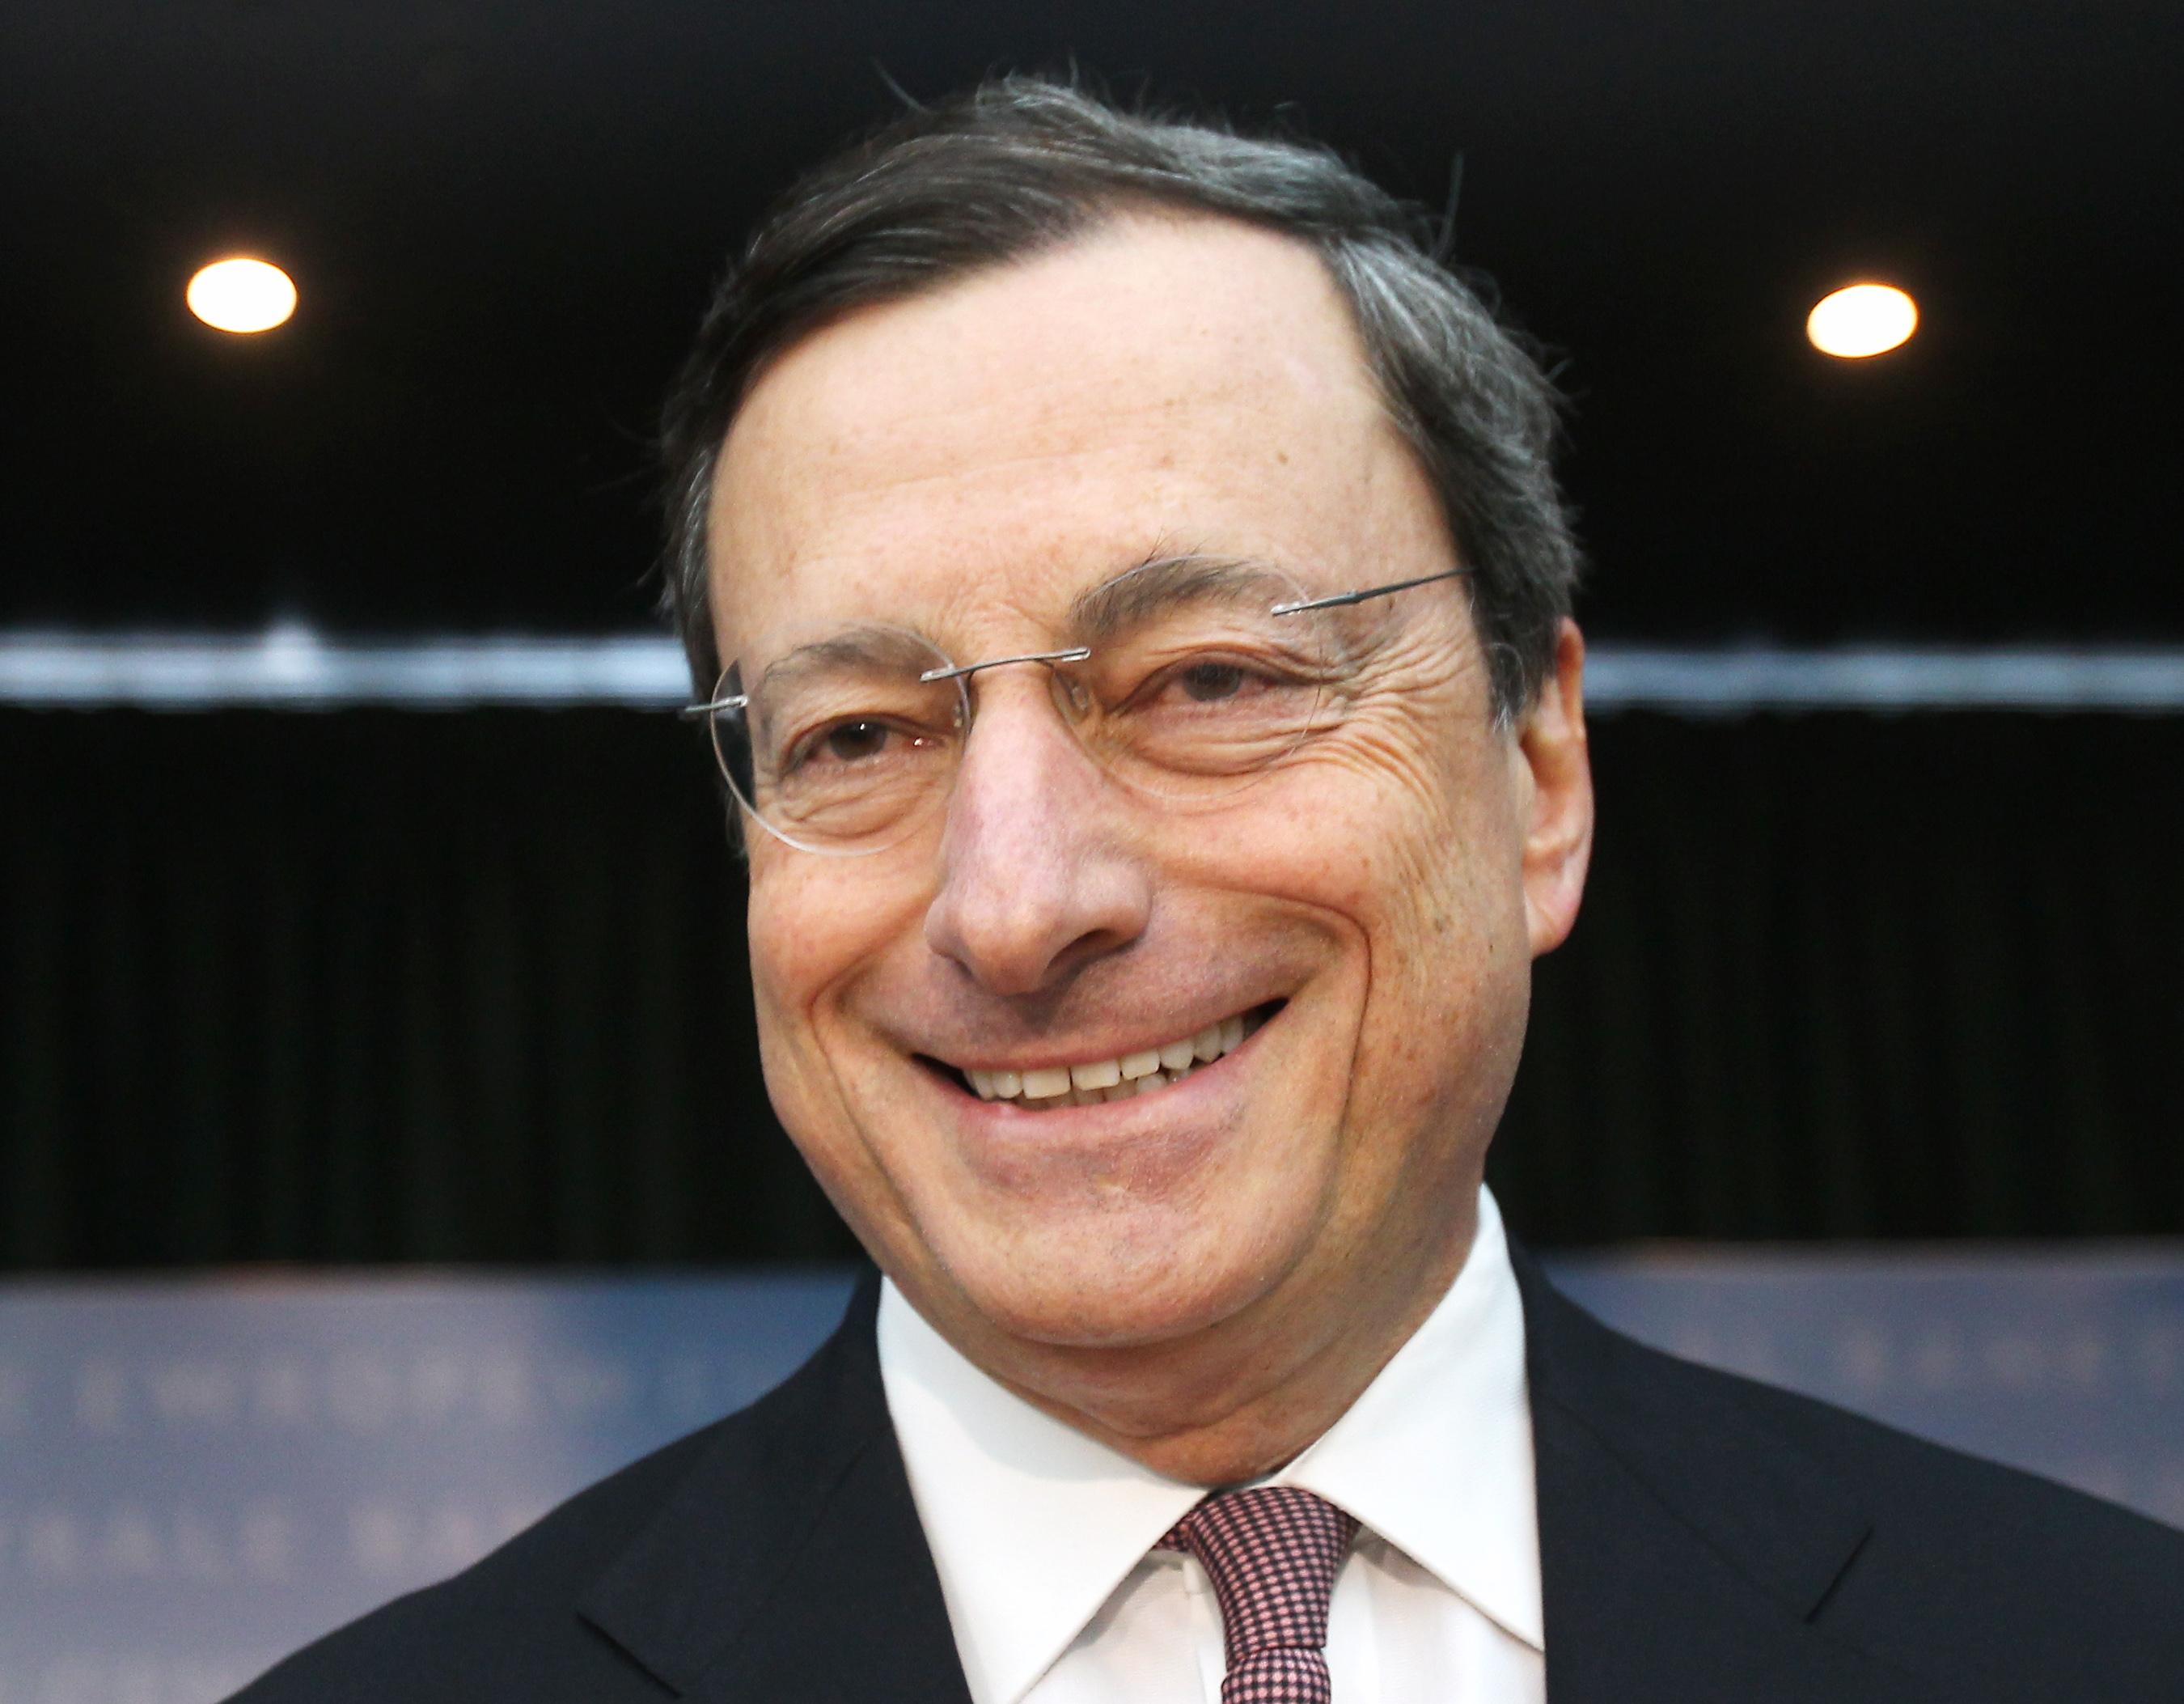 mario draghi, presidente del banco central europeo (bce)